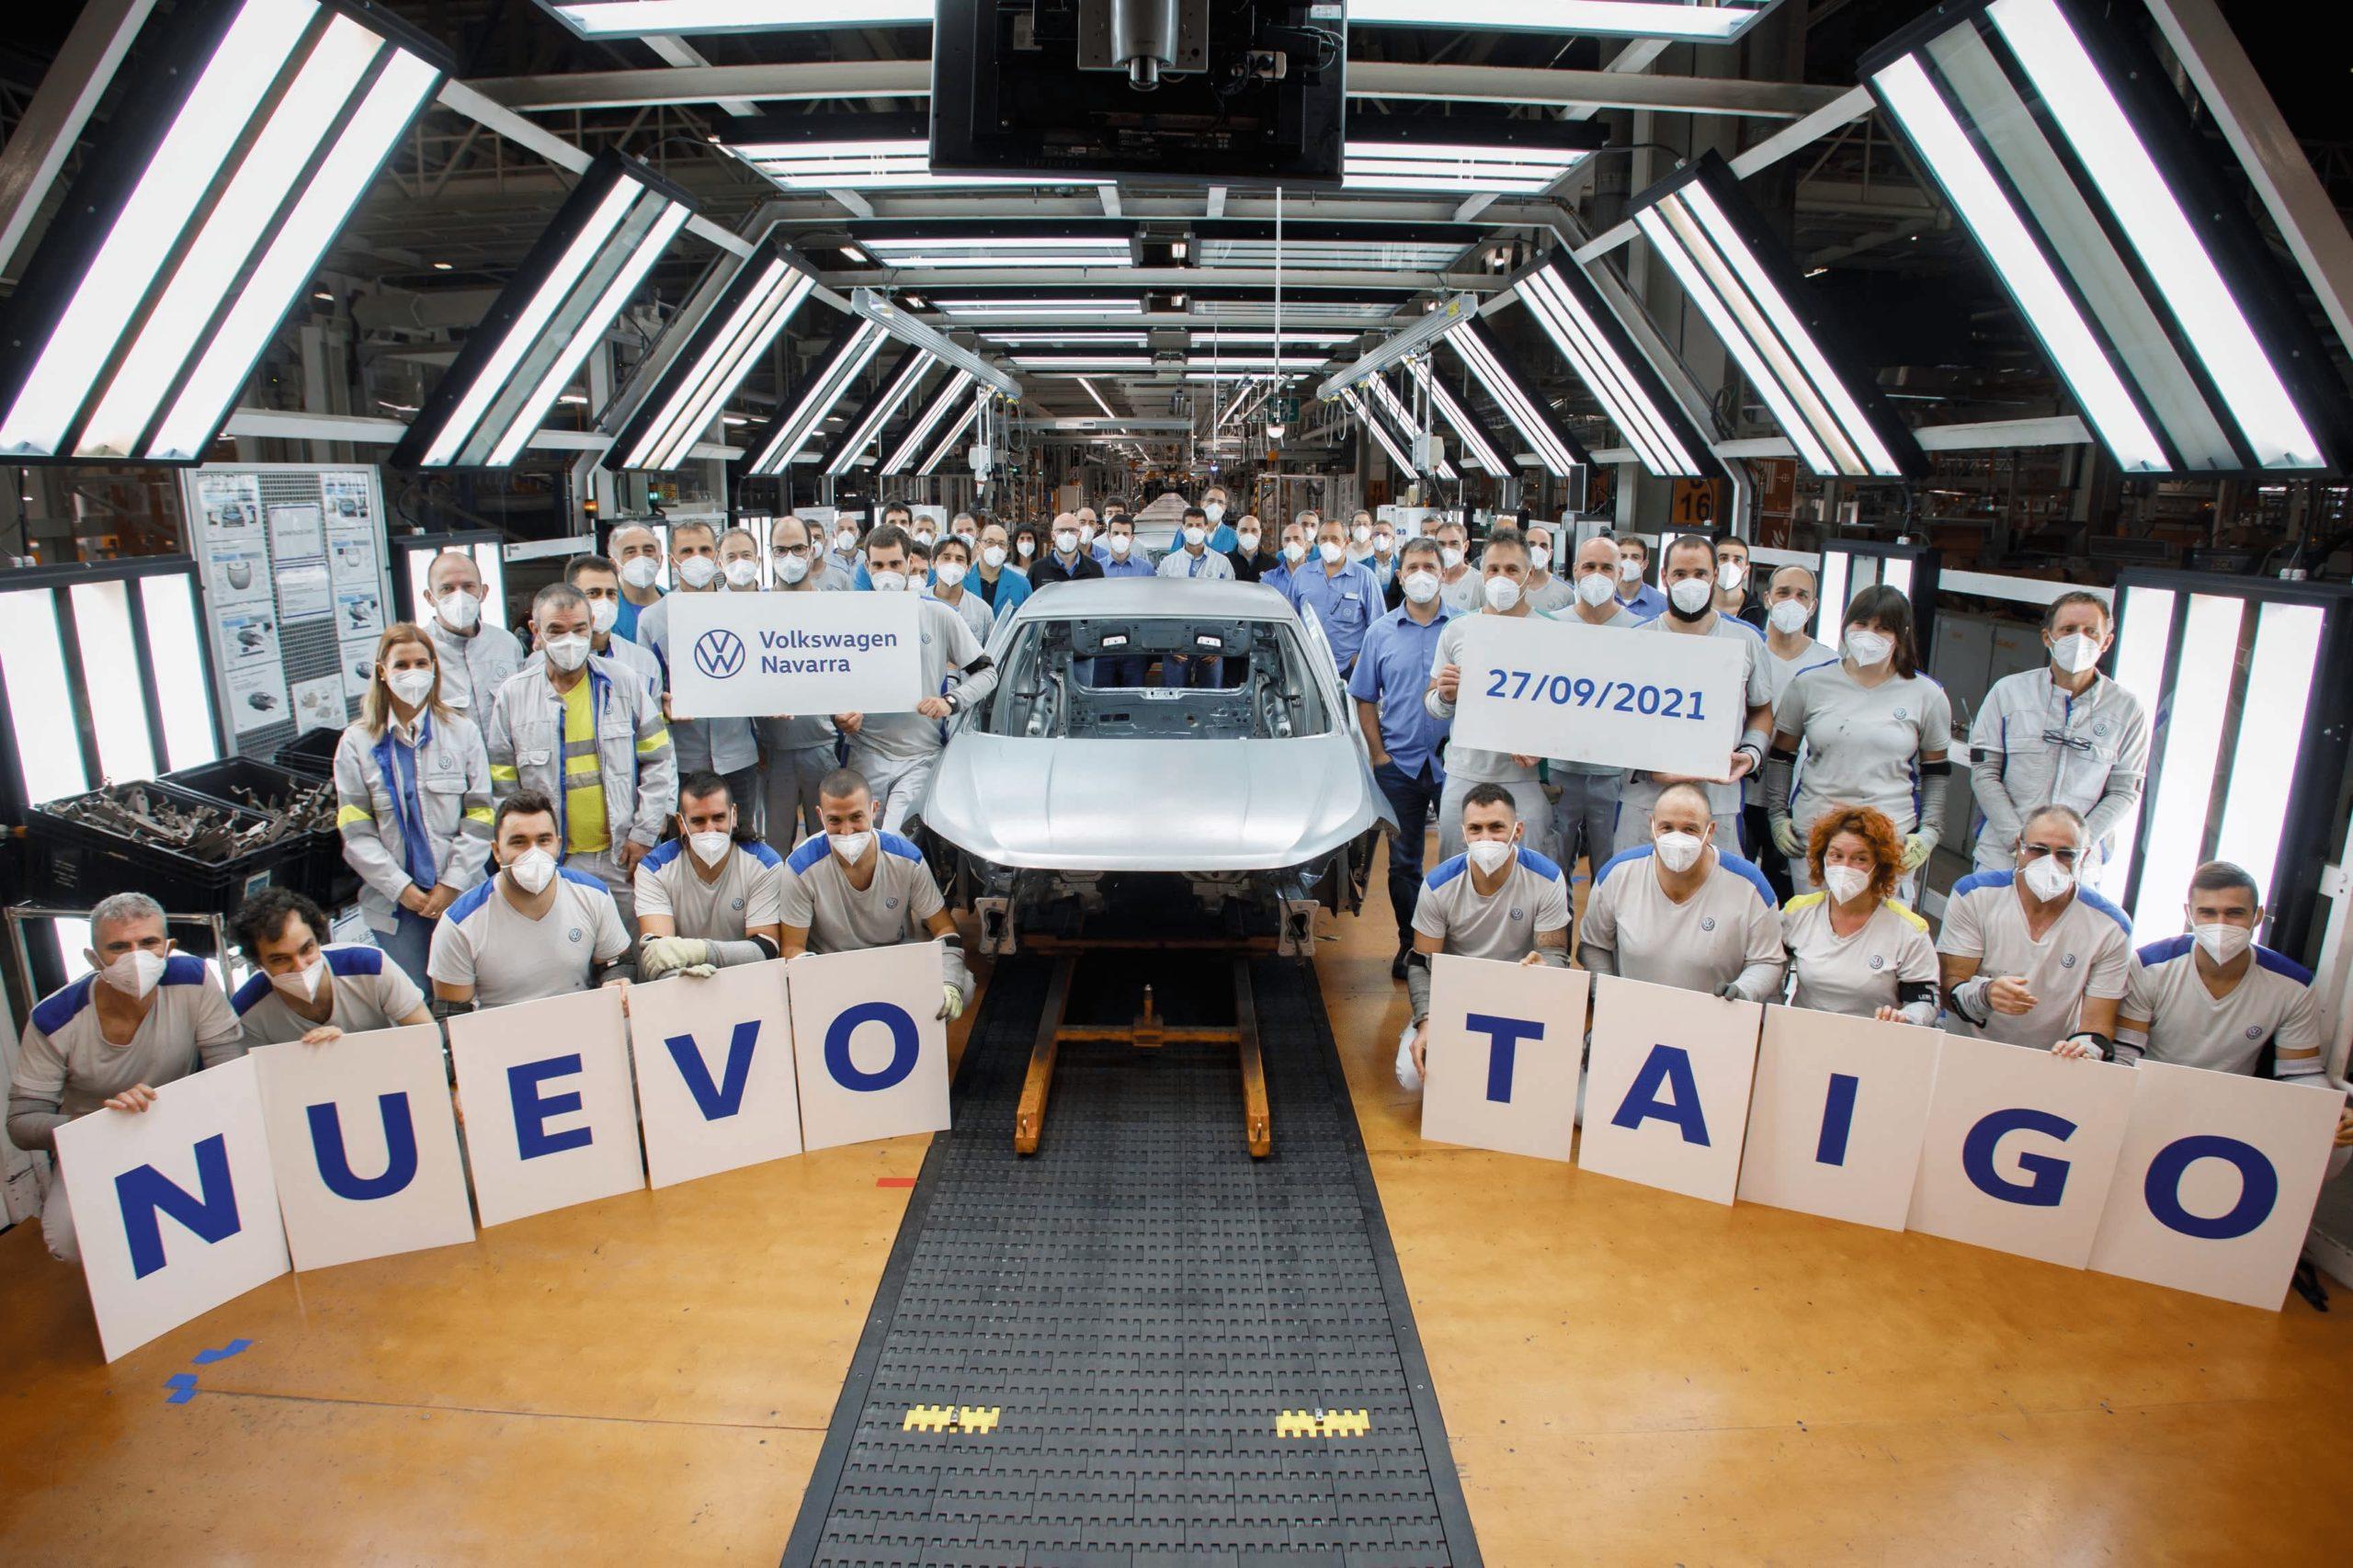 Volkswagen Navarra inicia la produccion en serie del nuevo Taigo en exclusiva para Europa 4 (1)